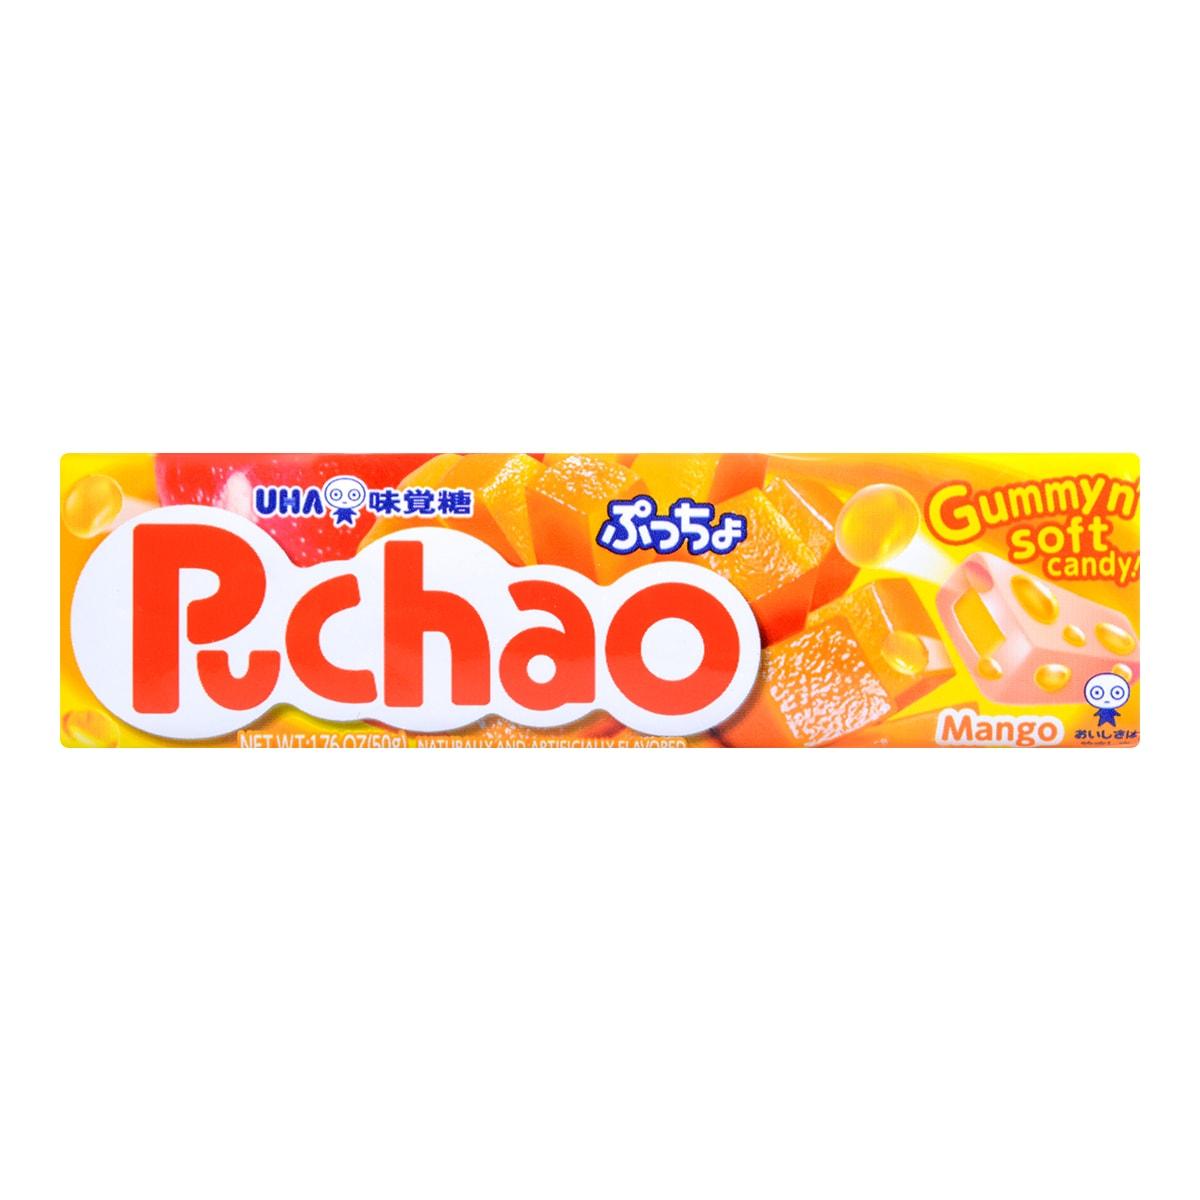 日本UHA悠哈味觉糖 芒果味果汁夹心软糖 50g